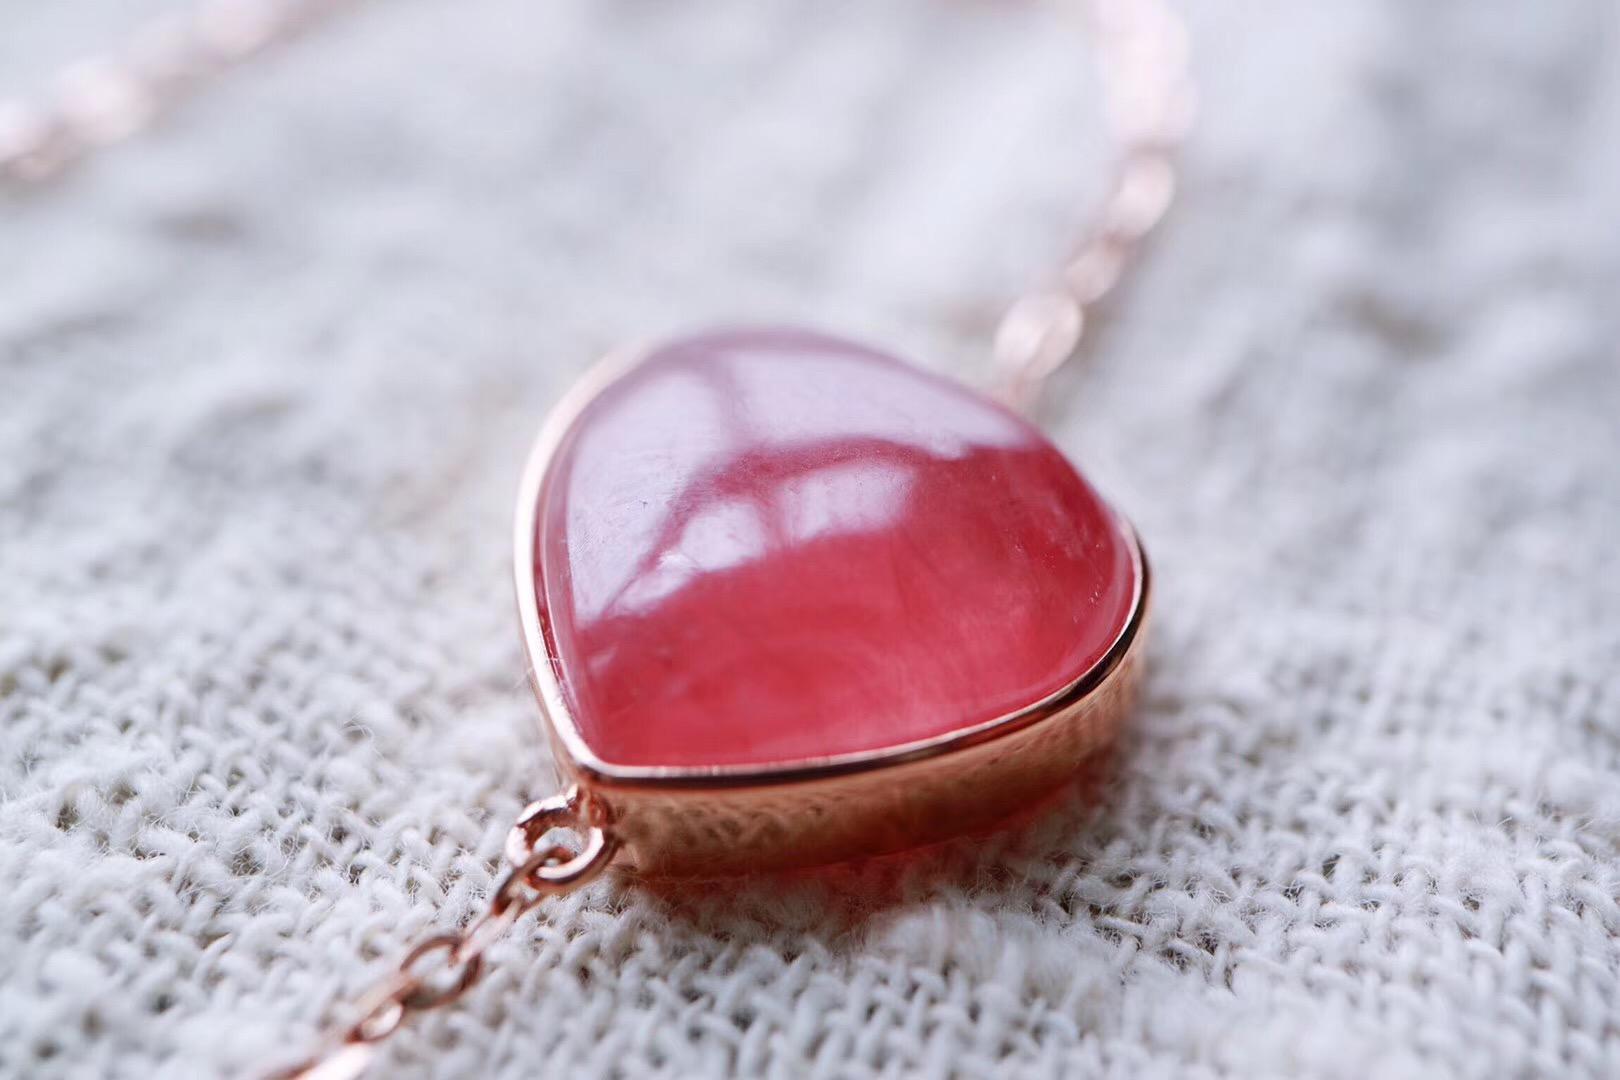 【菩心红纹石 💗💗】超级冰种滴红玫石18k金镶嵌,红润细腻-菩心晶舍